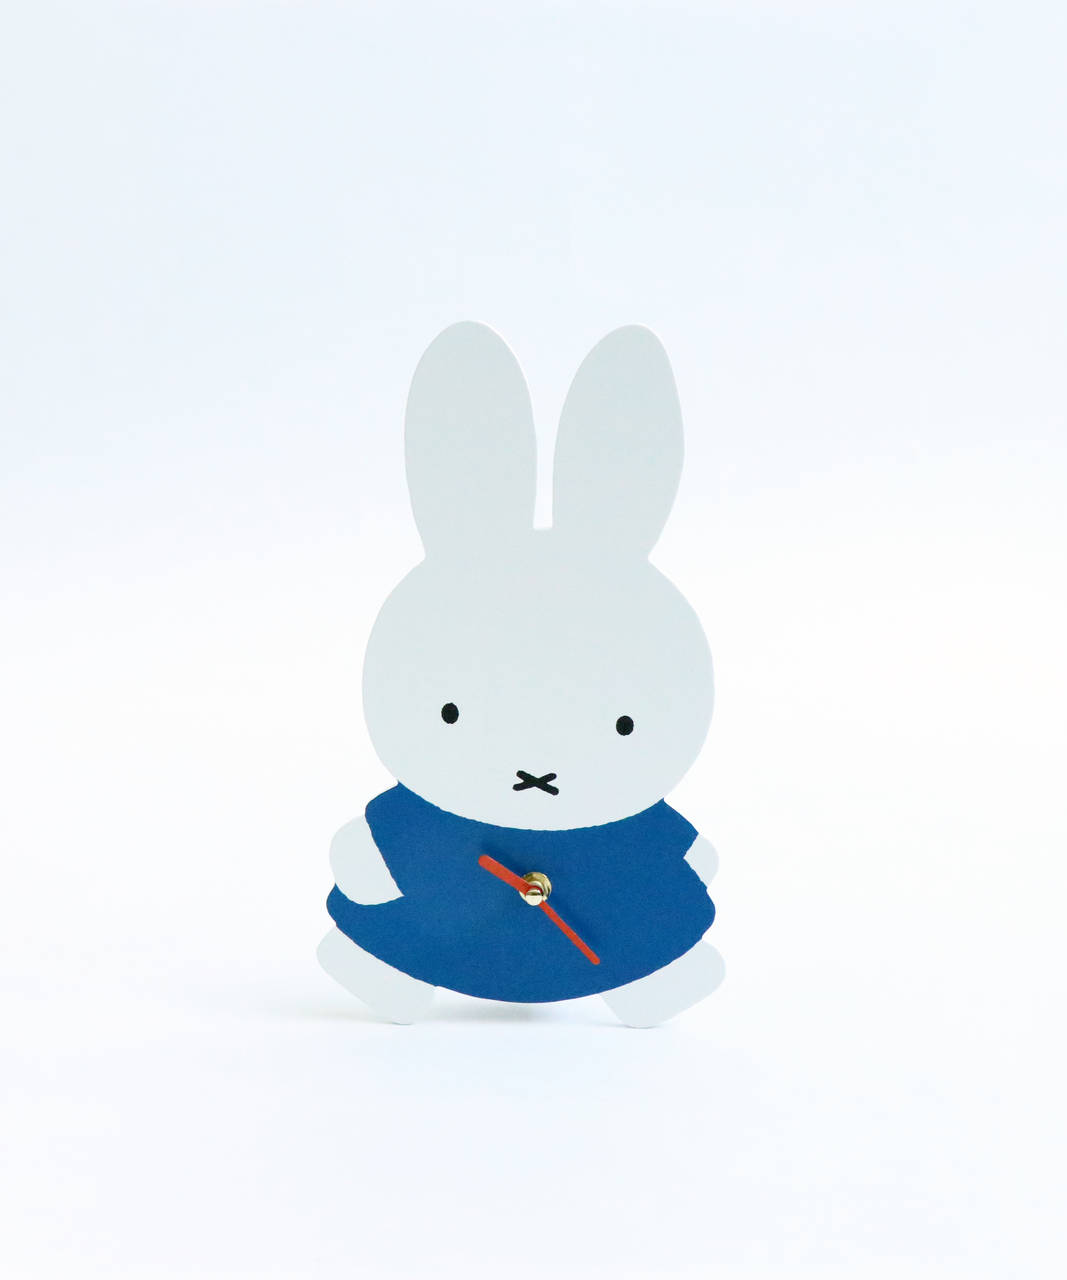 miffy×salut! ミッフィー コラボ グッズ 画像1